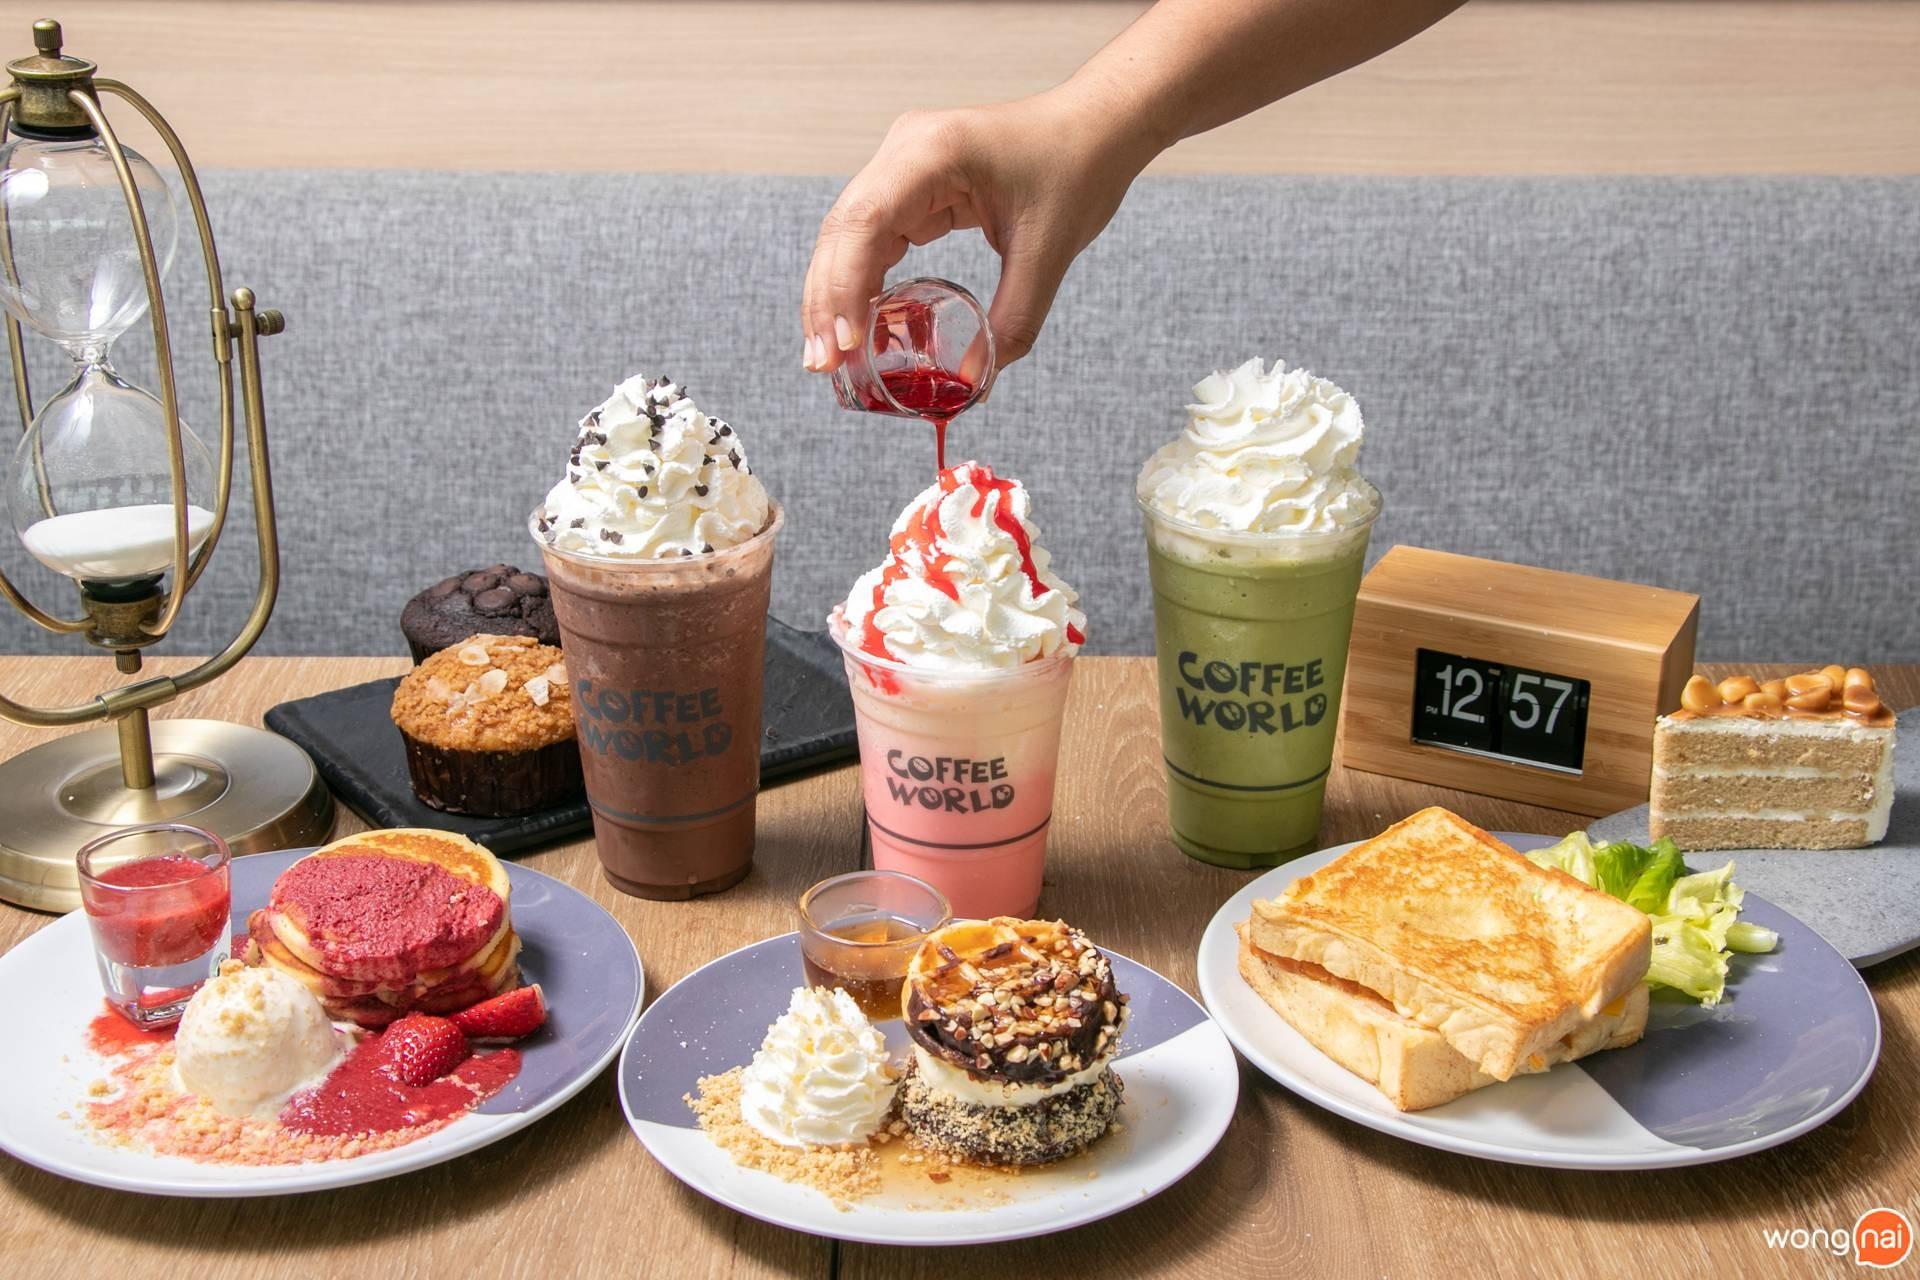 เมนูเครื่องดื่ม ของหวาน ร้าน Coffee World สาขา ลำลูกกา